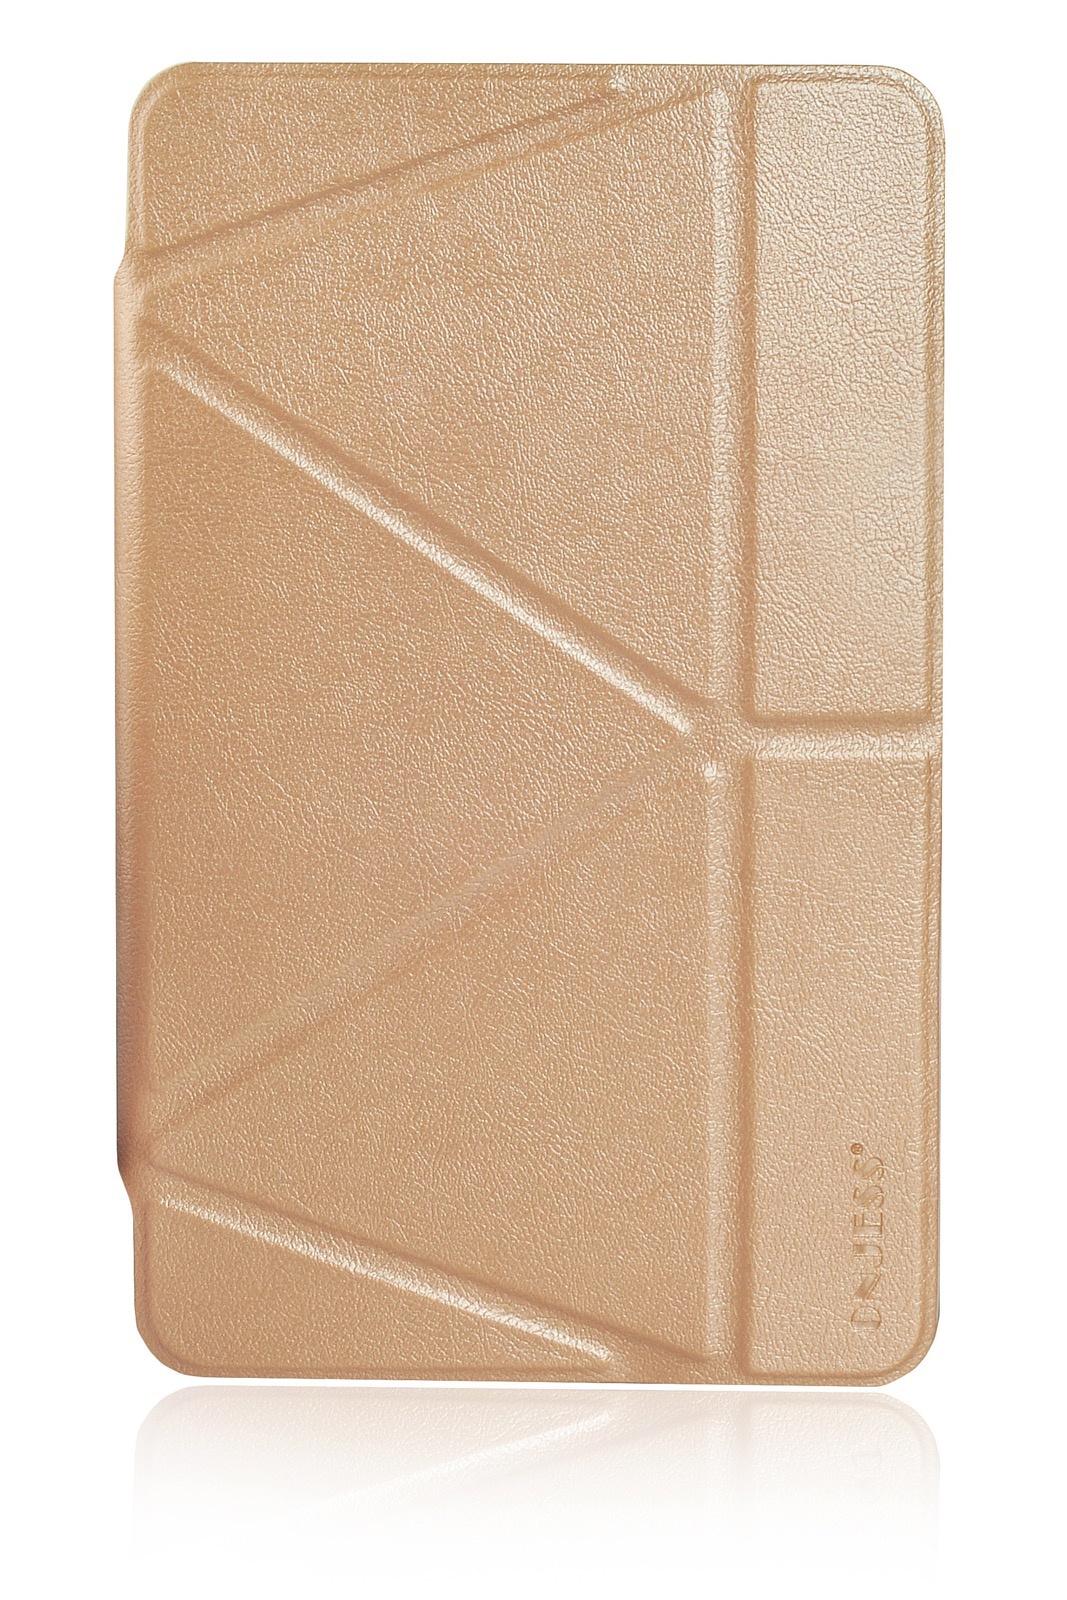 Чехол для планшета Onjess Smart для Samsung Tab S3 9.7 T 820/825, 908028, золотой аксессуар чехол onjess для samsung tab s3 9 7 t 820 825 smart champange 908028